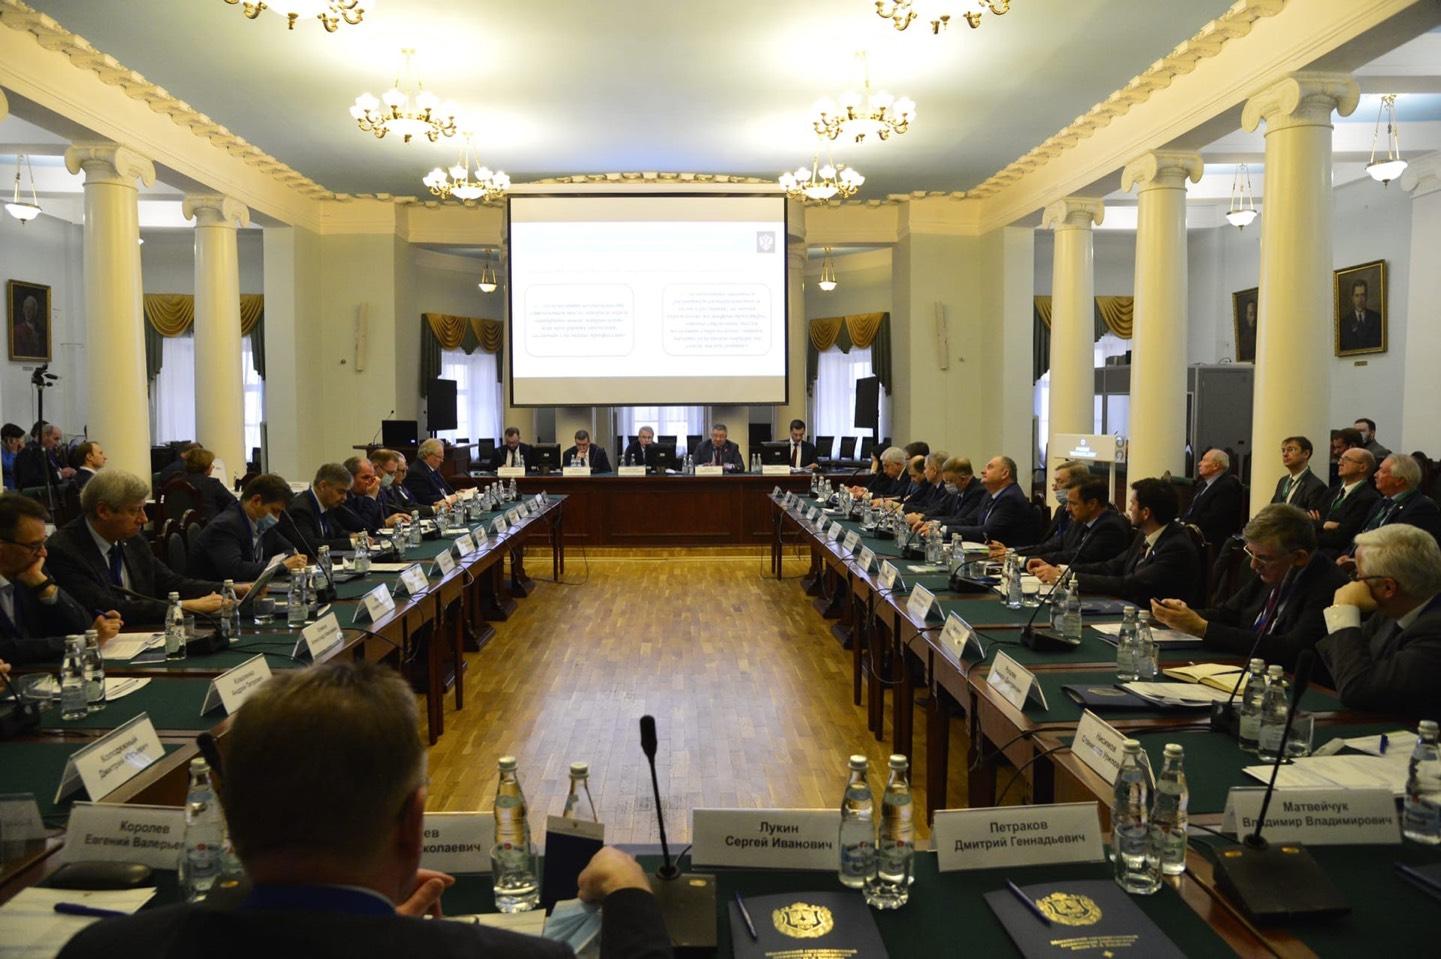 Расширенное заседание КС Минобрнауки РФ по области образования «Инженерное дело, технологии и технические науки» 2021 г.